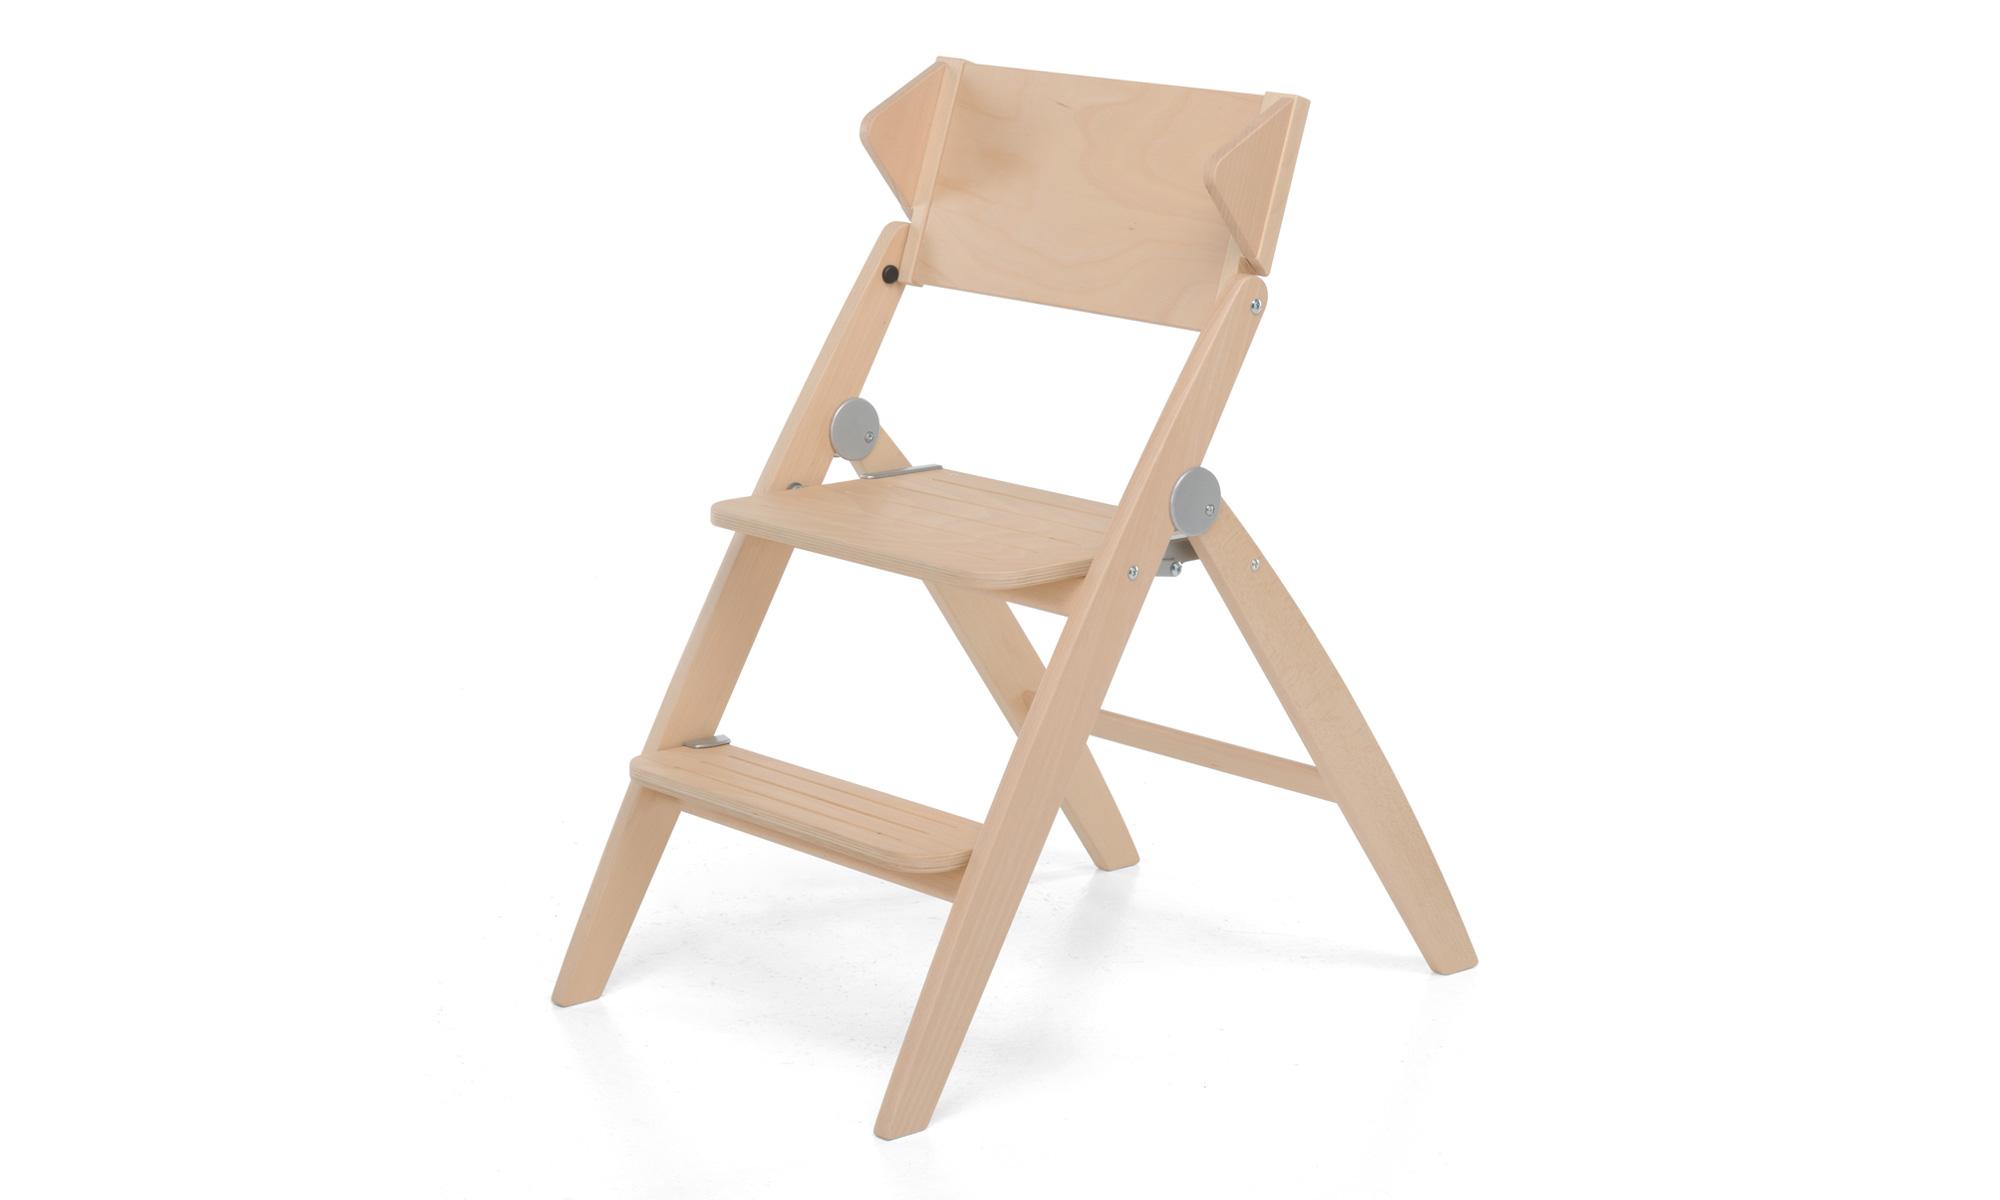 Итальянская деревянная стремянка (лестница) Стэп Бай Стэп от Foppapedretti